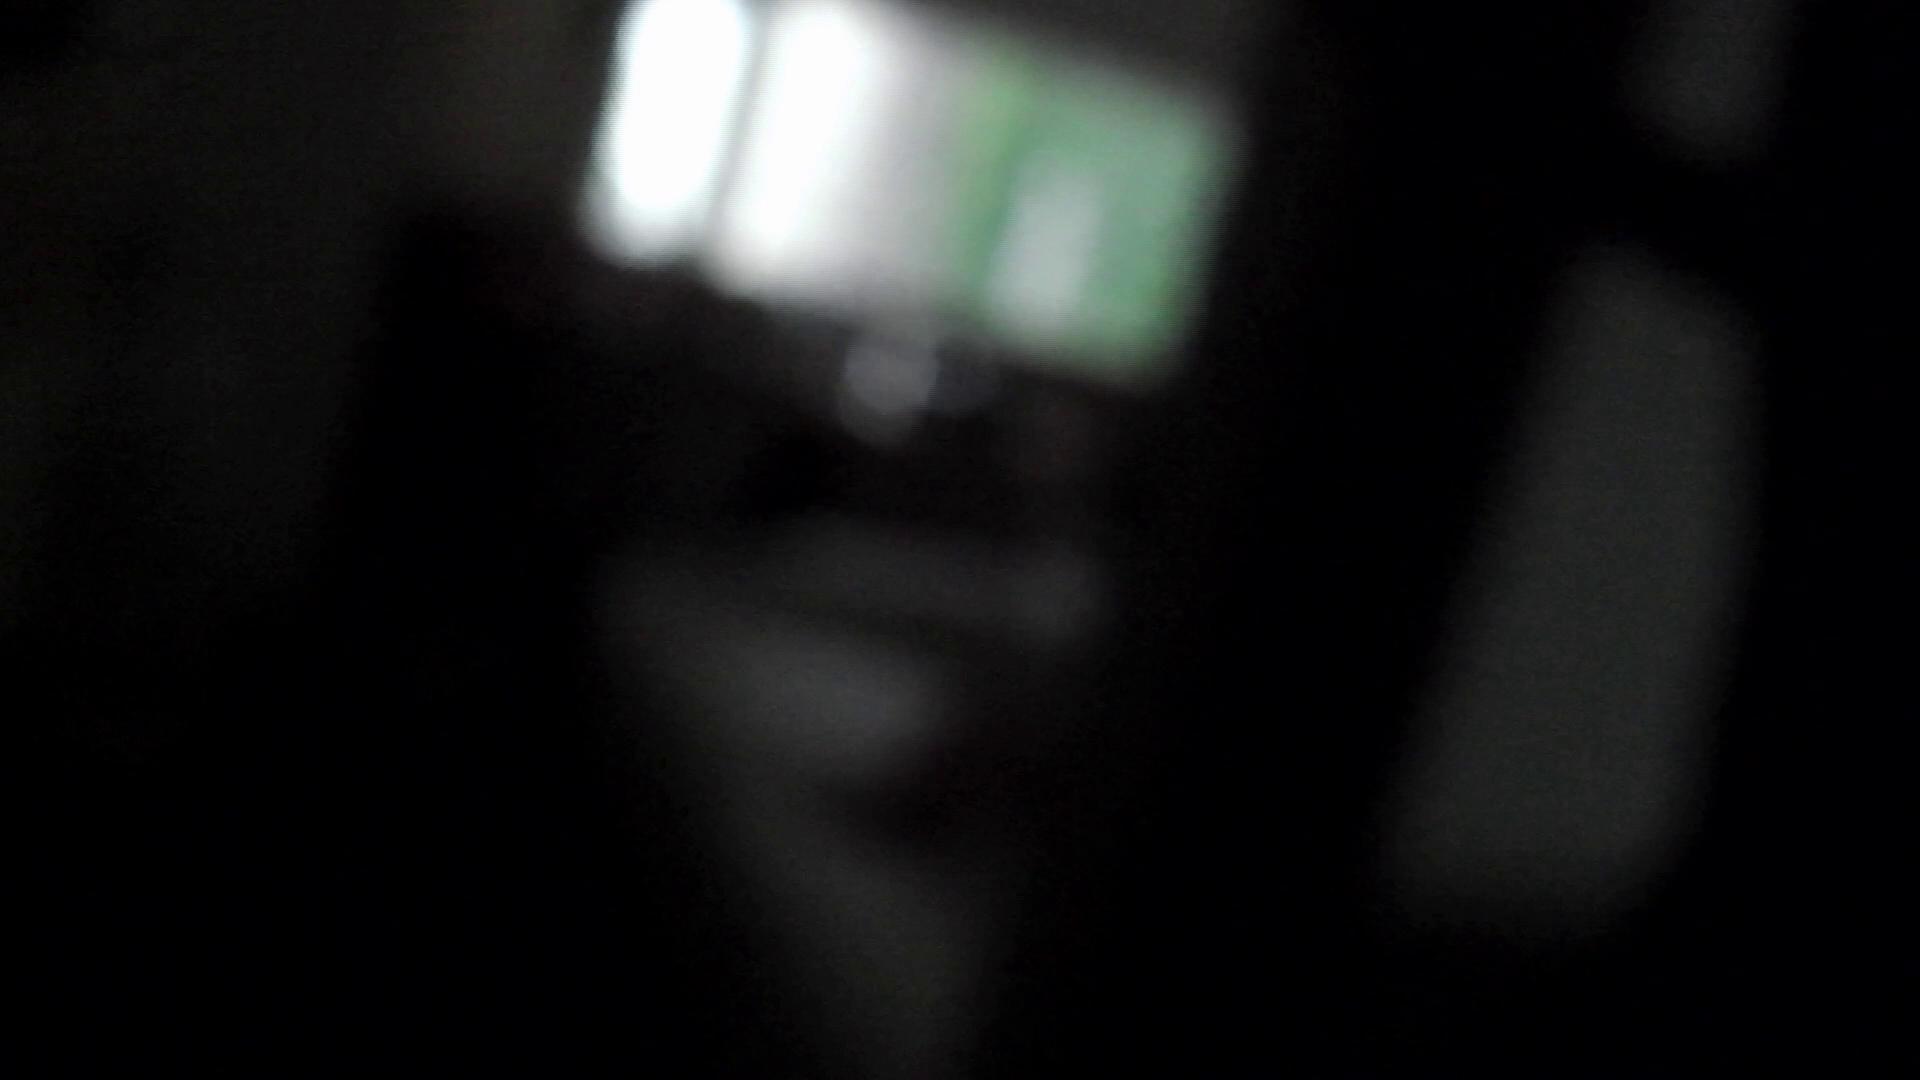 ヒトニアラヅNo.01 侵入 ギャル攻め アダルト動画キャプチャ 68画像 30